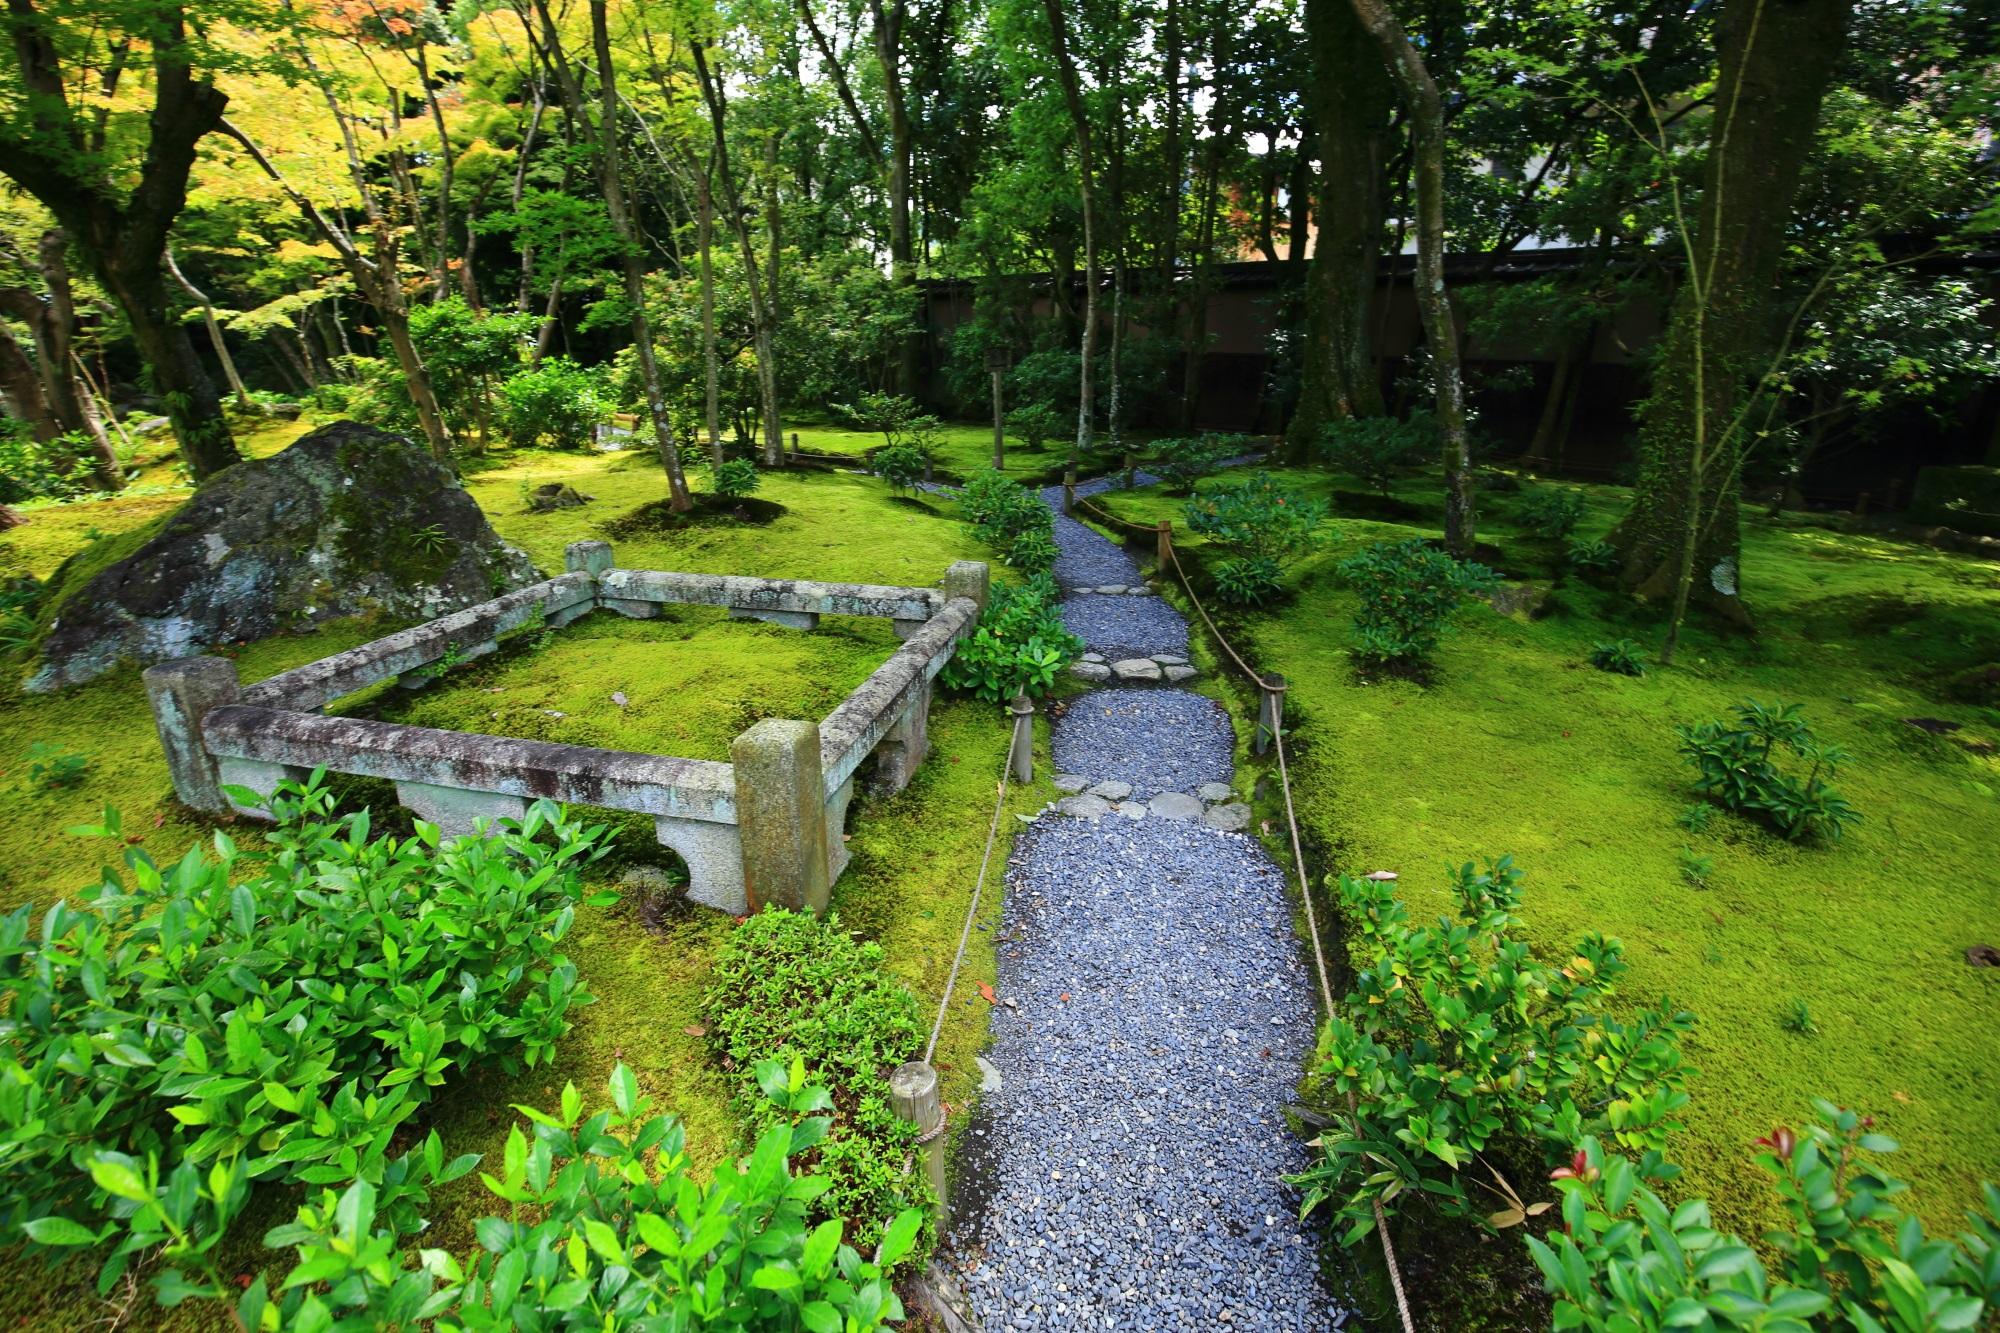 無鄰菴(むりんあん)の優雅な池泉回遊式庭園の苔